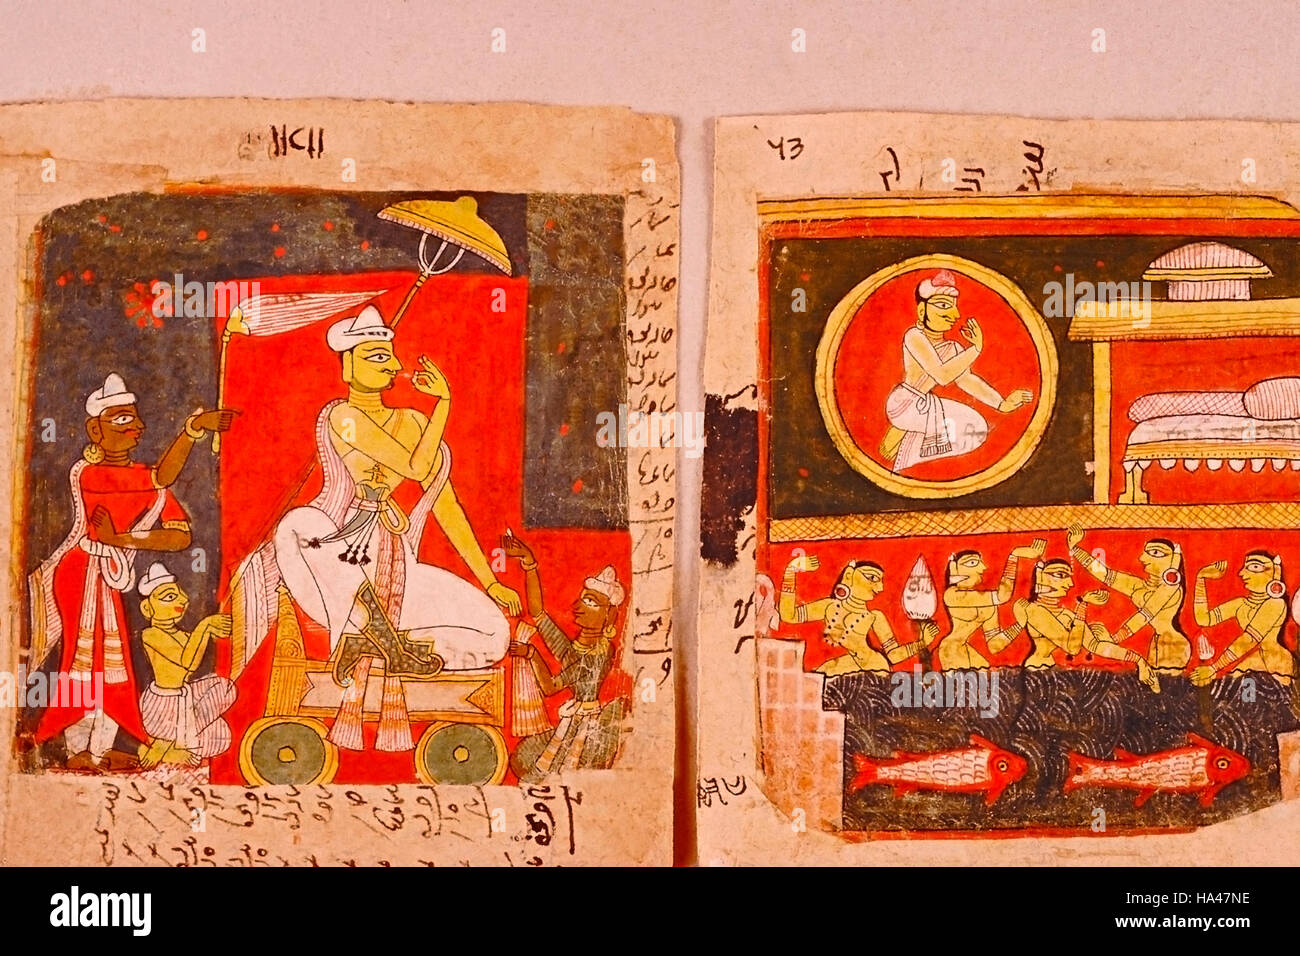 Mrigavati, ein zwei-Seiten-Manuskript. Pre-Mughal Malerei. Datiert: 1525 n. Chr. Indien Stockbild